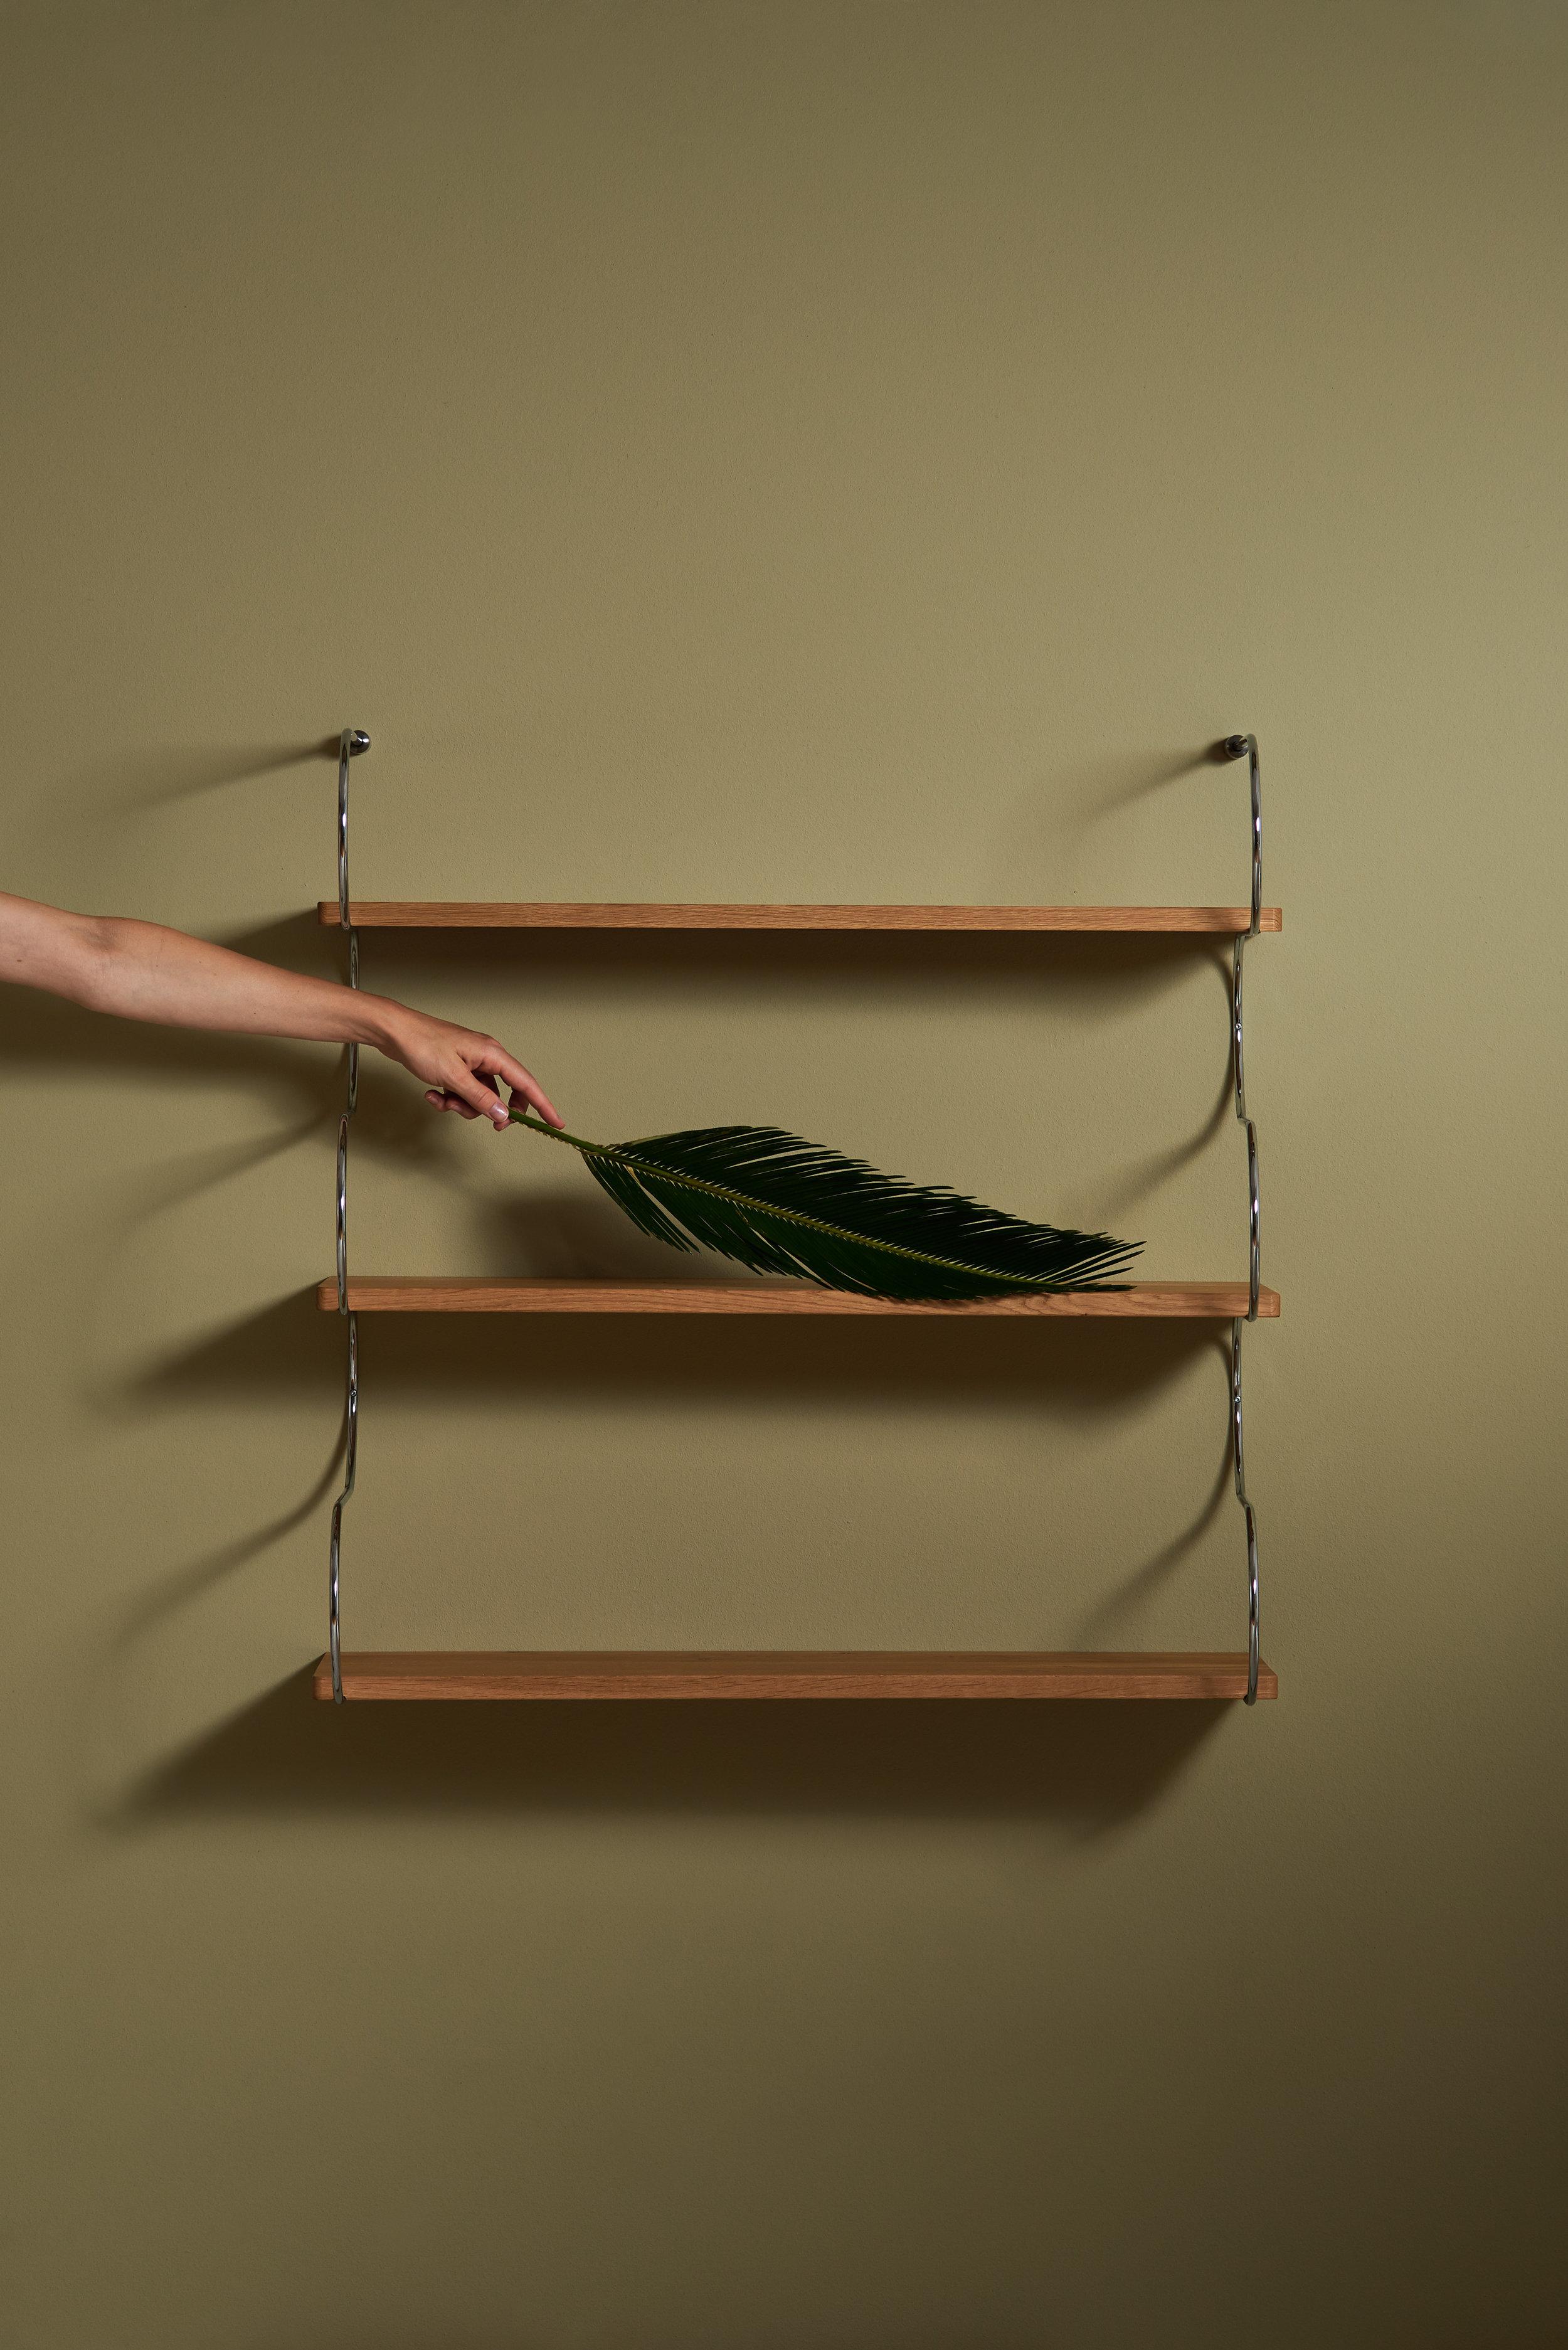 Onda shelving system by Schneid Studio